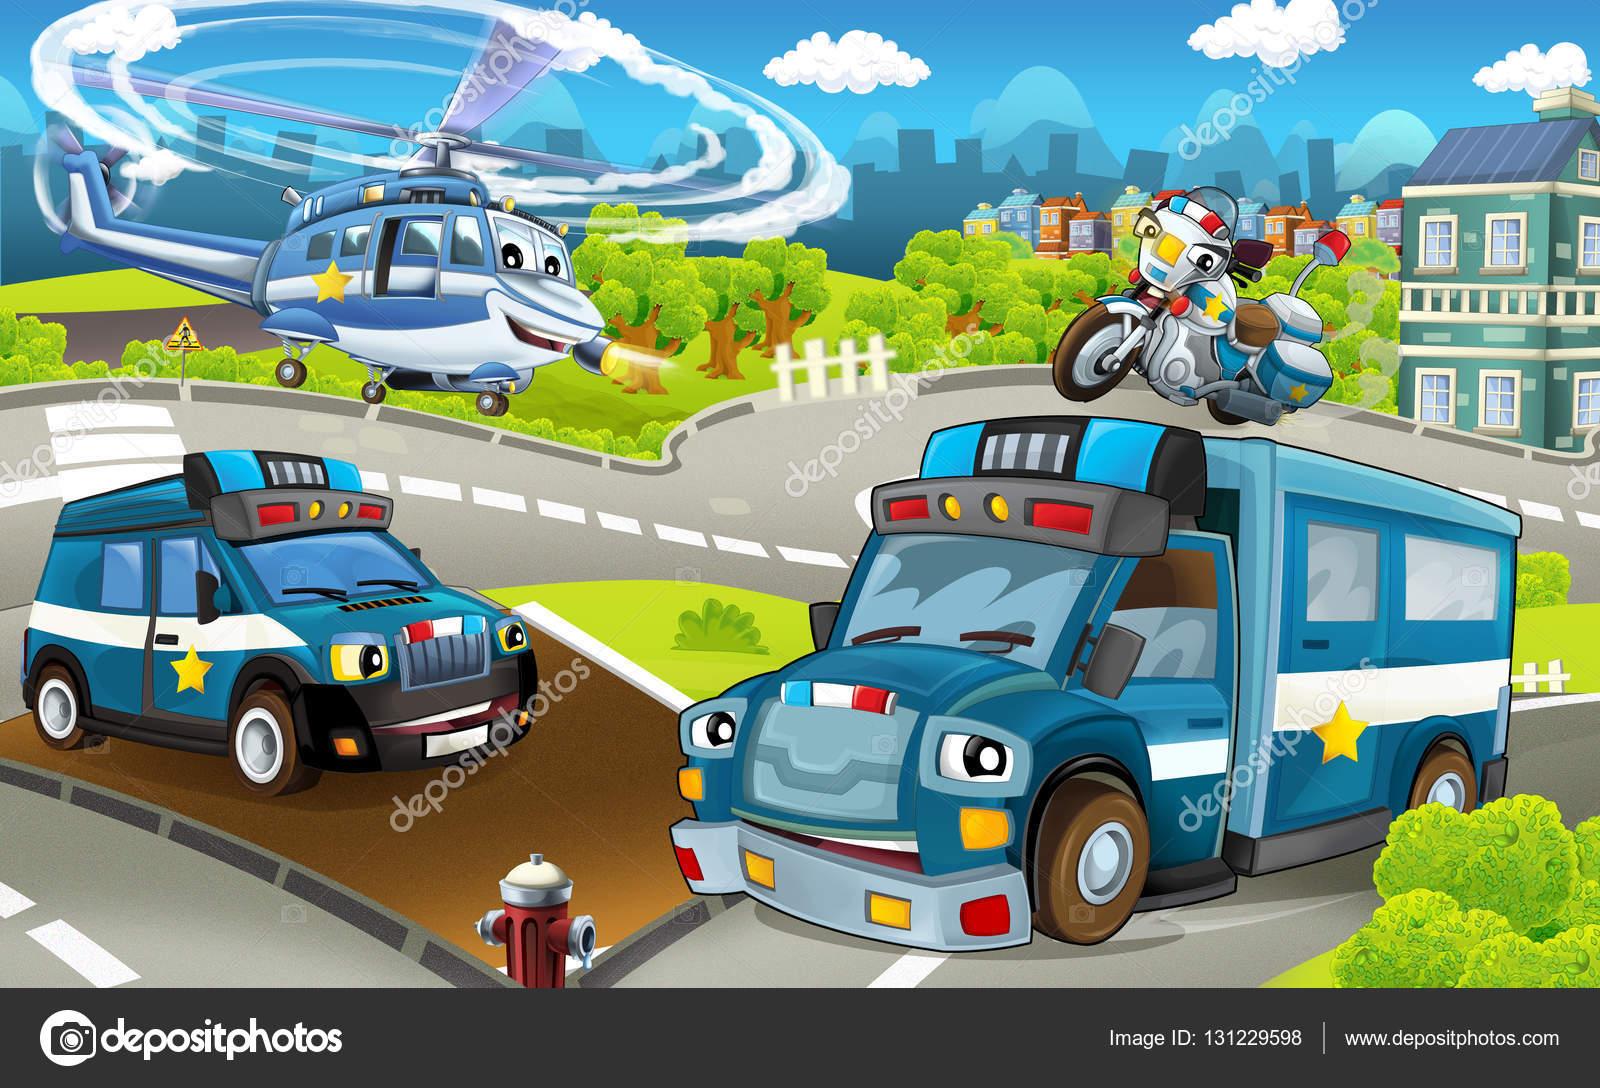 Macchine della polizia camion moto ed elicottero u foto stock